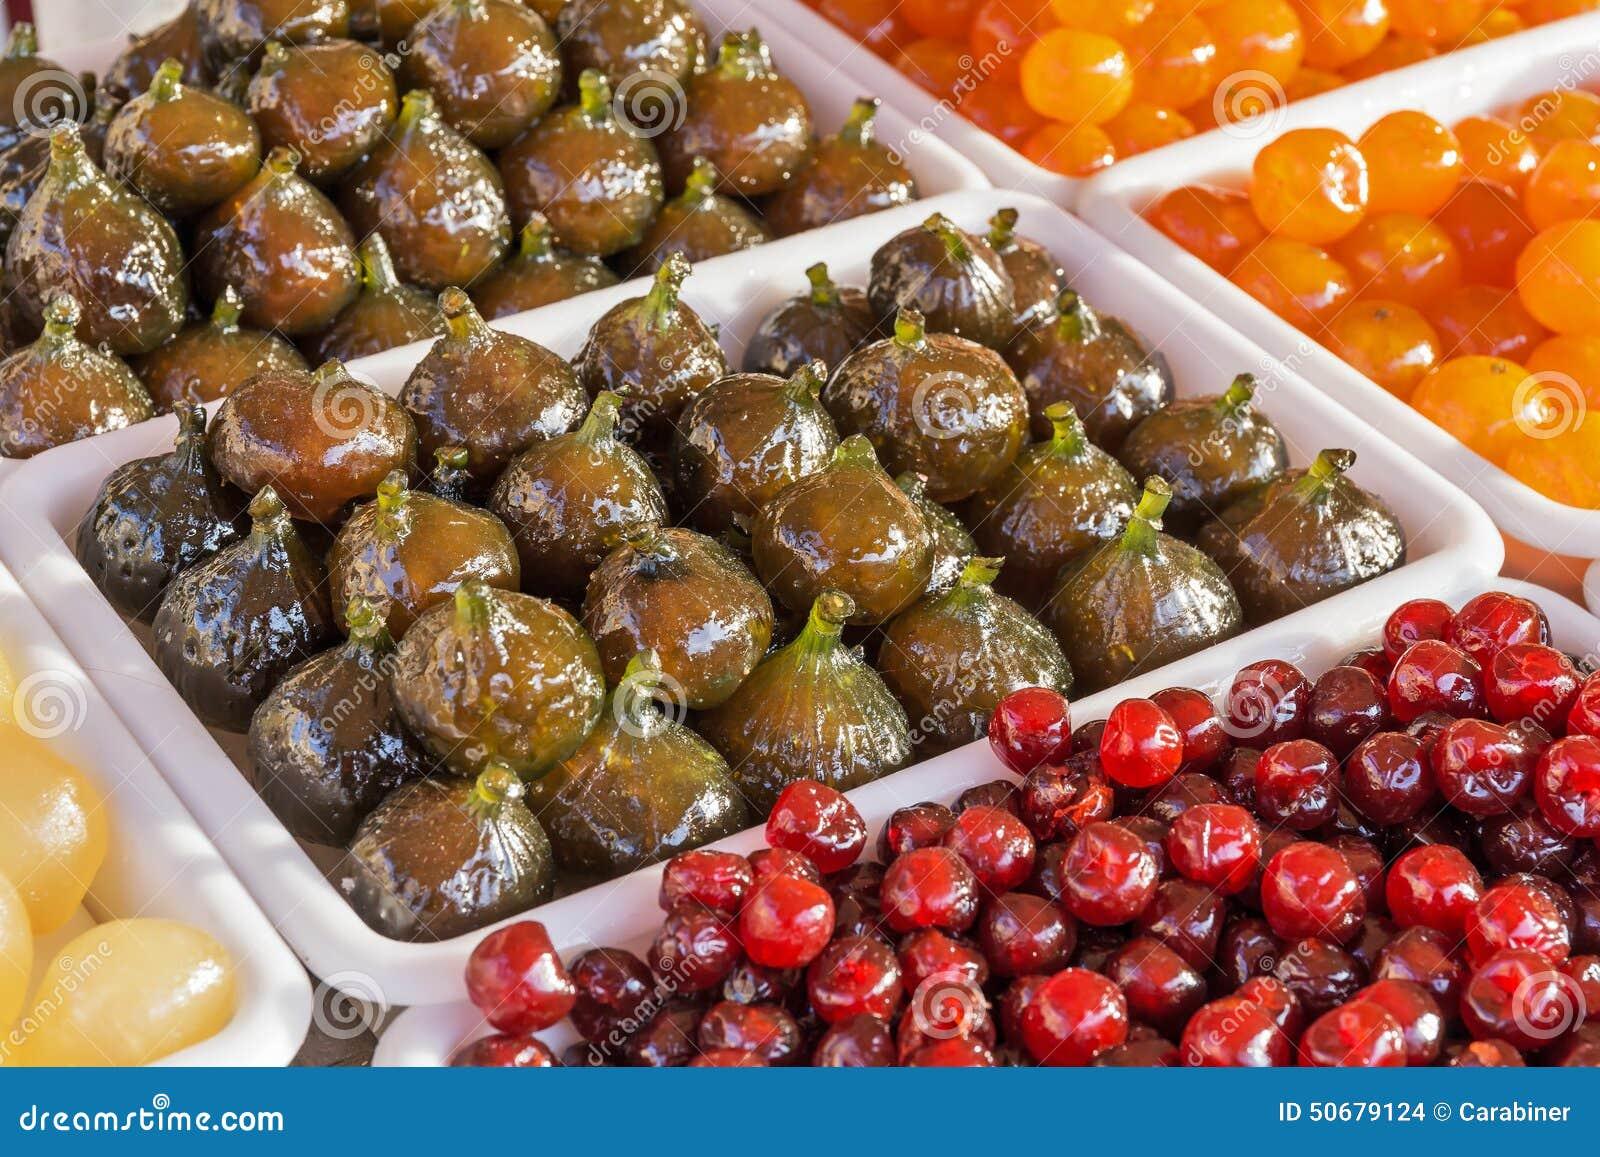 Download 在糖浆烹调的果子 库存照片. 图片 包括有 berrying, 成份, 新鲜, 糖煮, 健康, 烹调, 鲜美 - 50679124